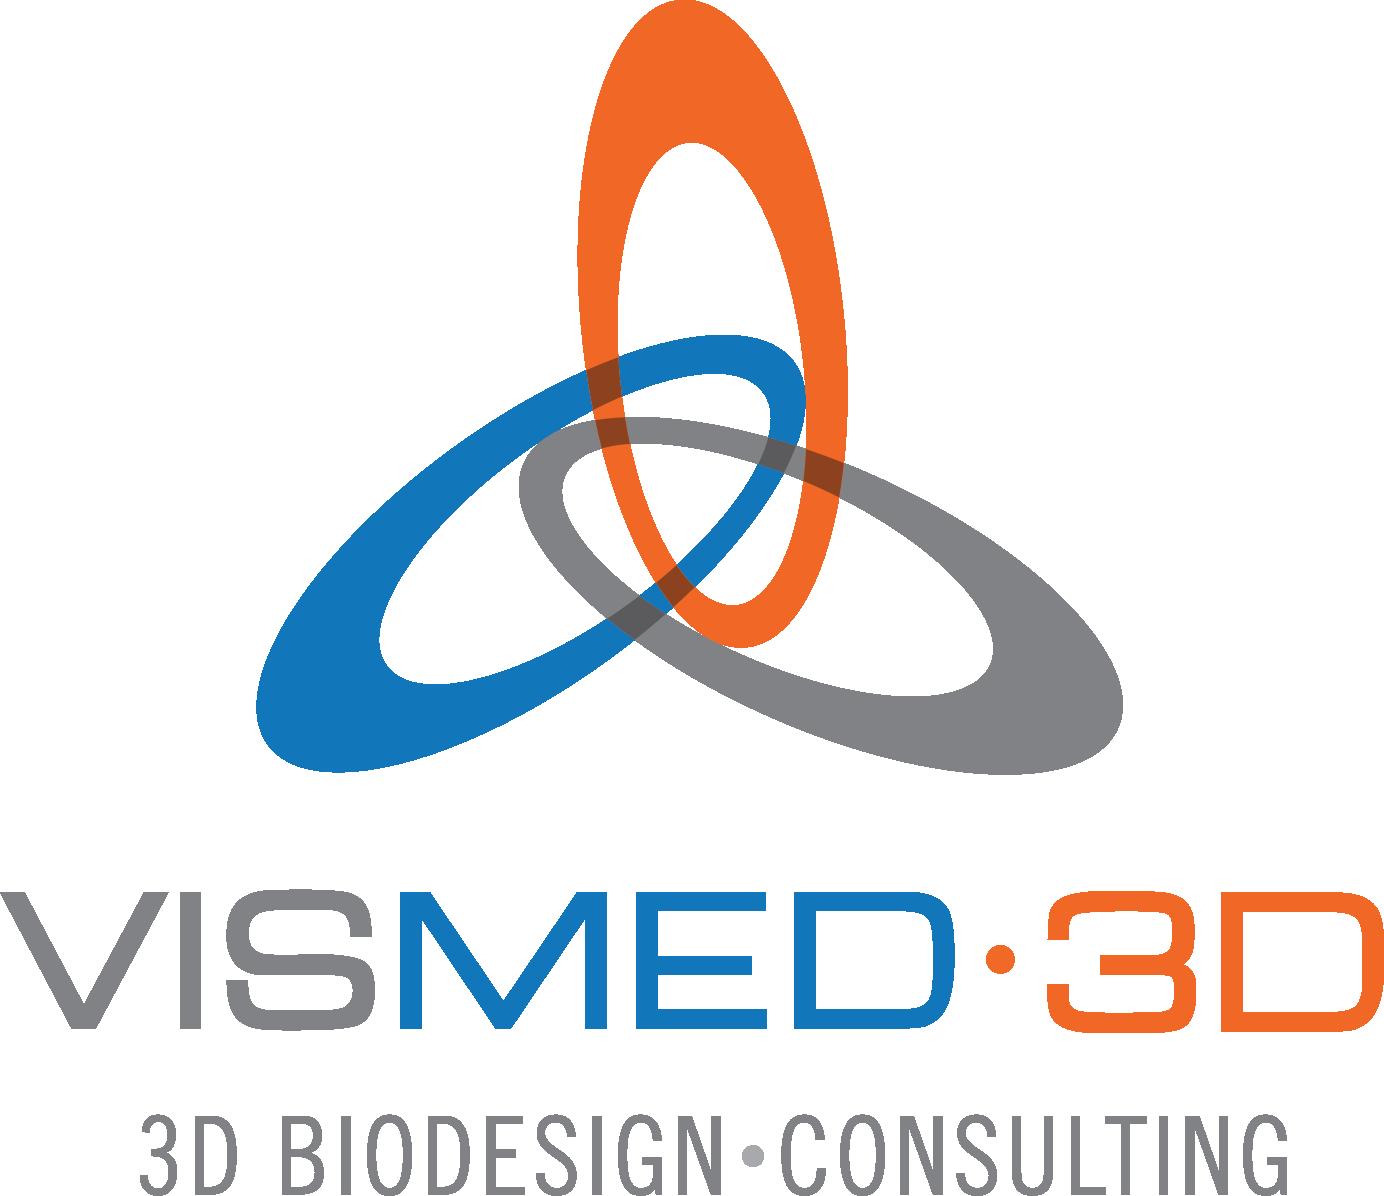 Vismed3d.com_logo